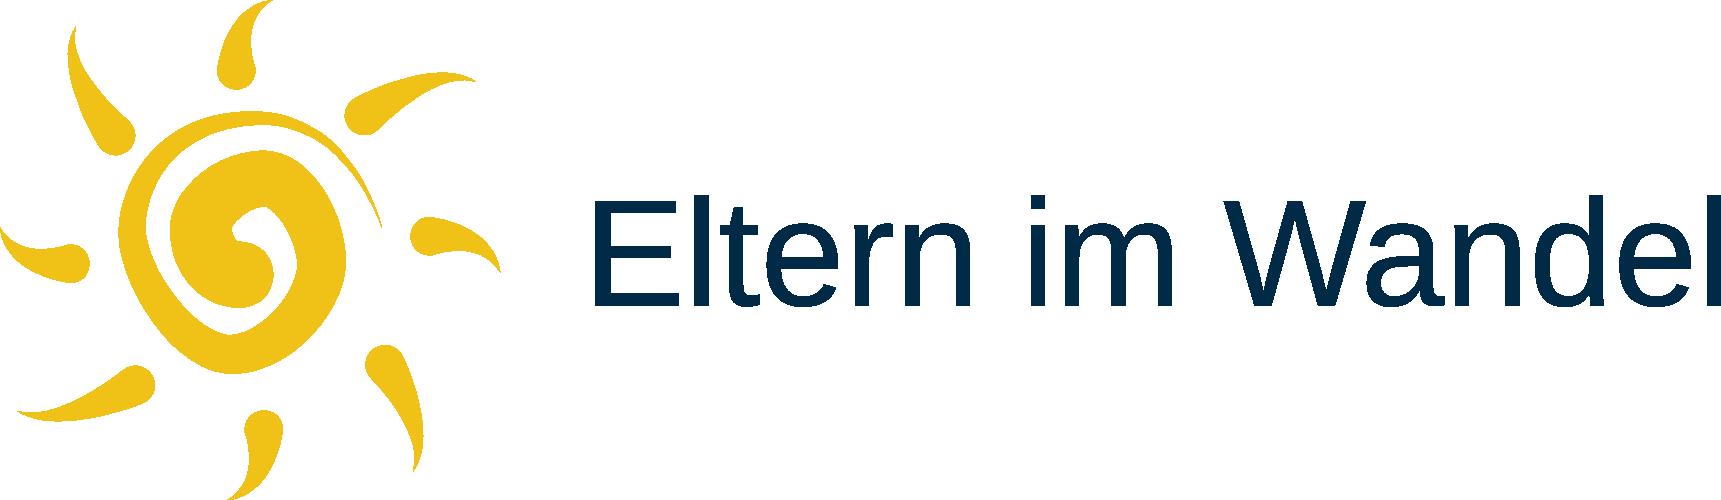 wwww.eltern-im-wandel.de